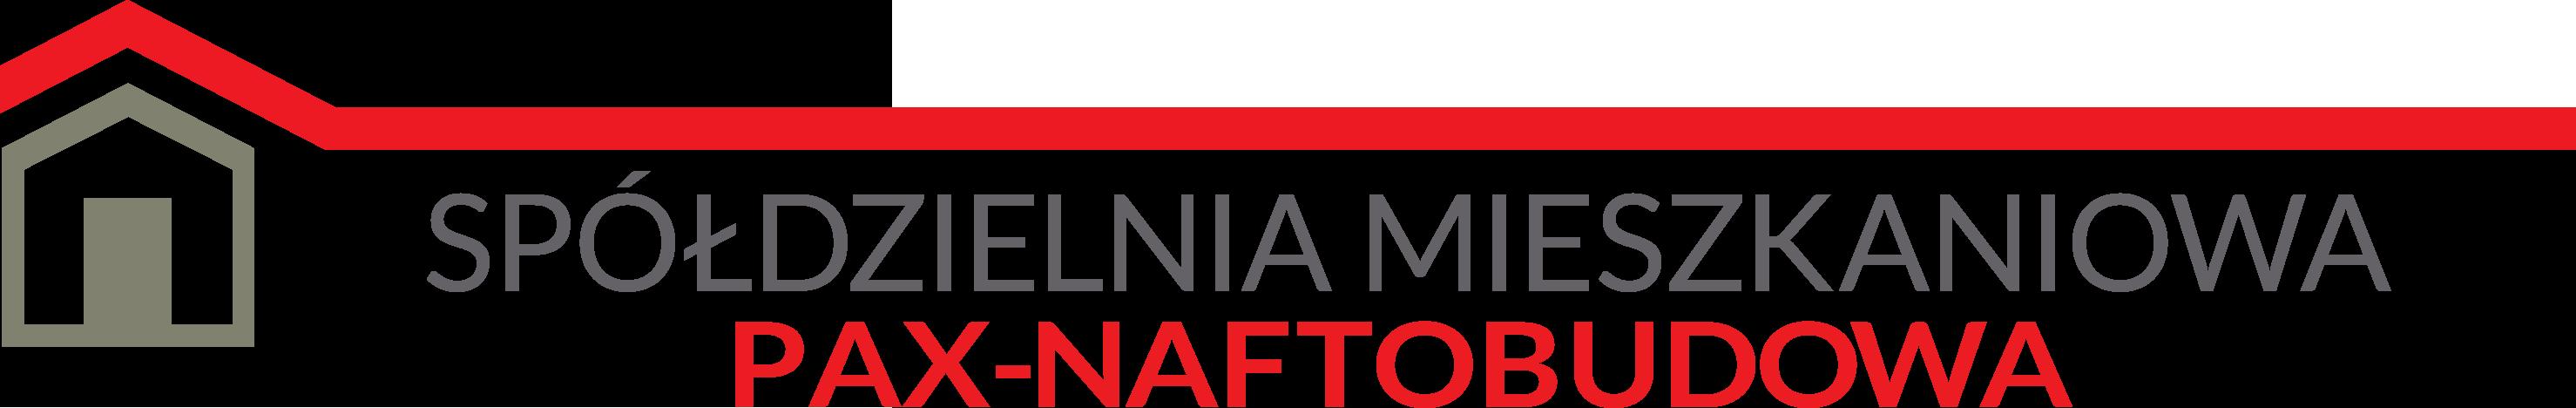 Logo SM PAX-Naftobudowa